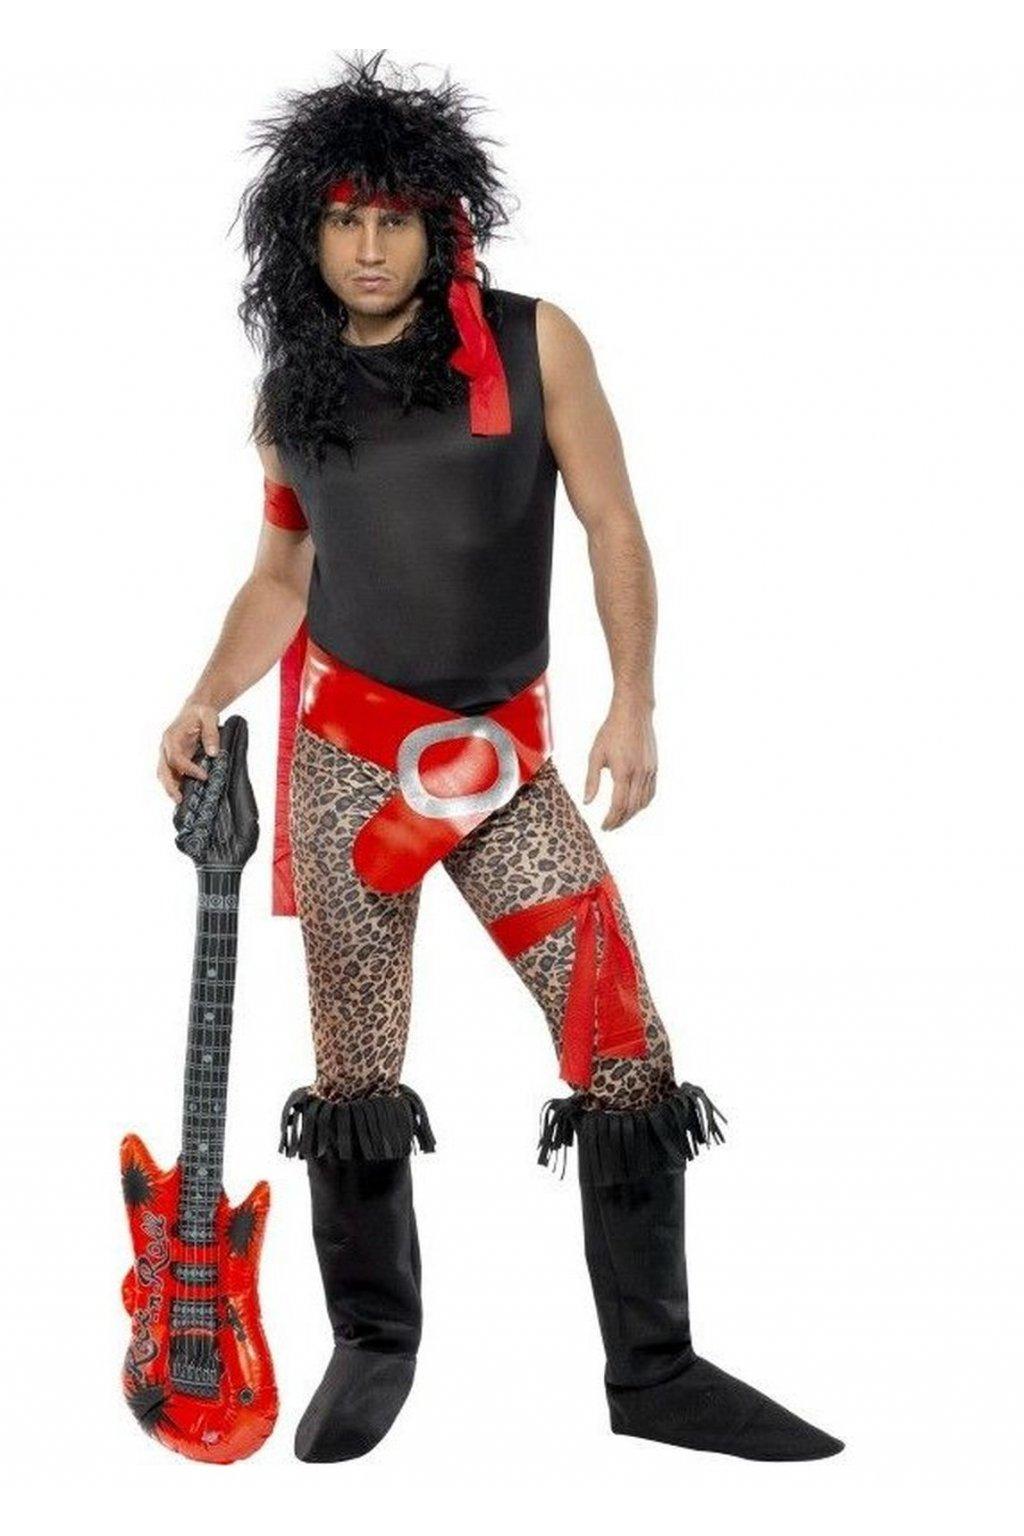 Kostým Rock star